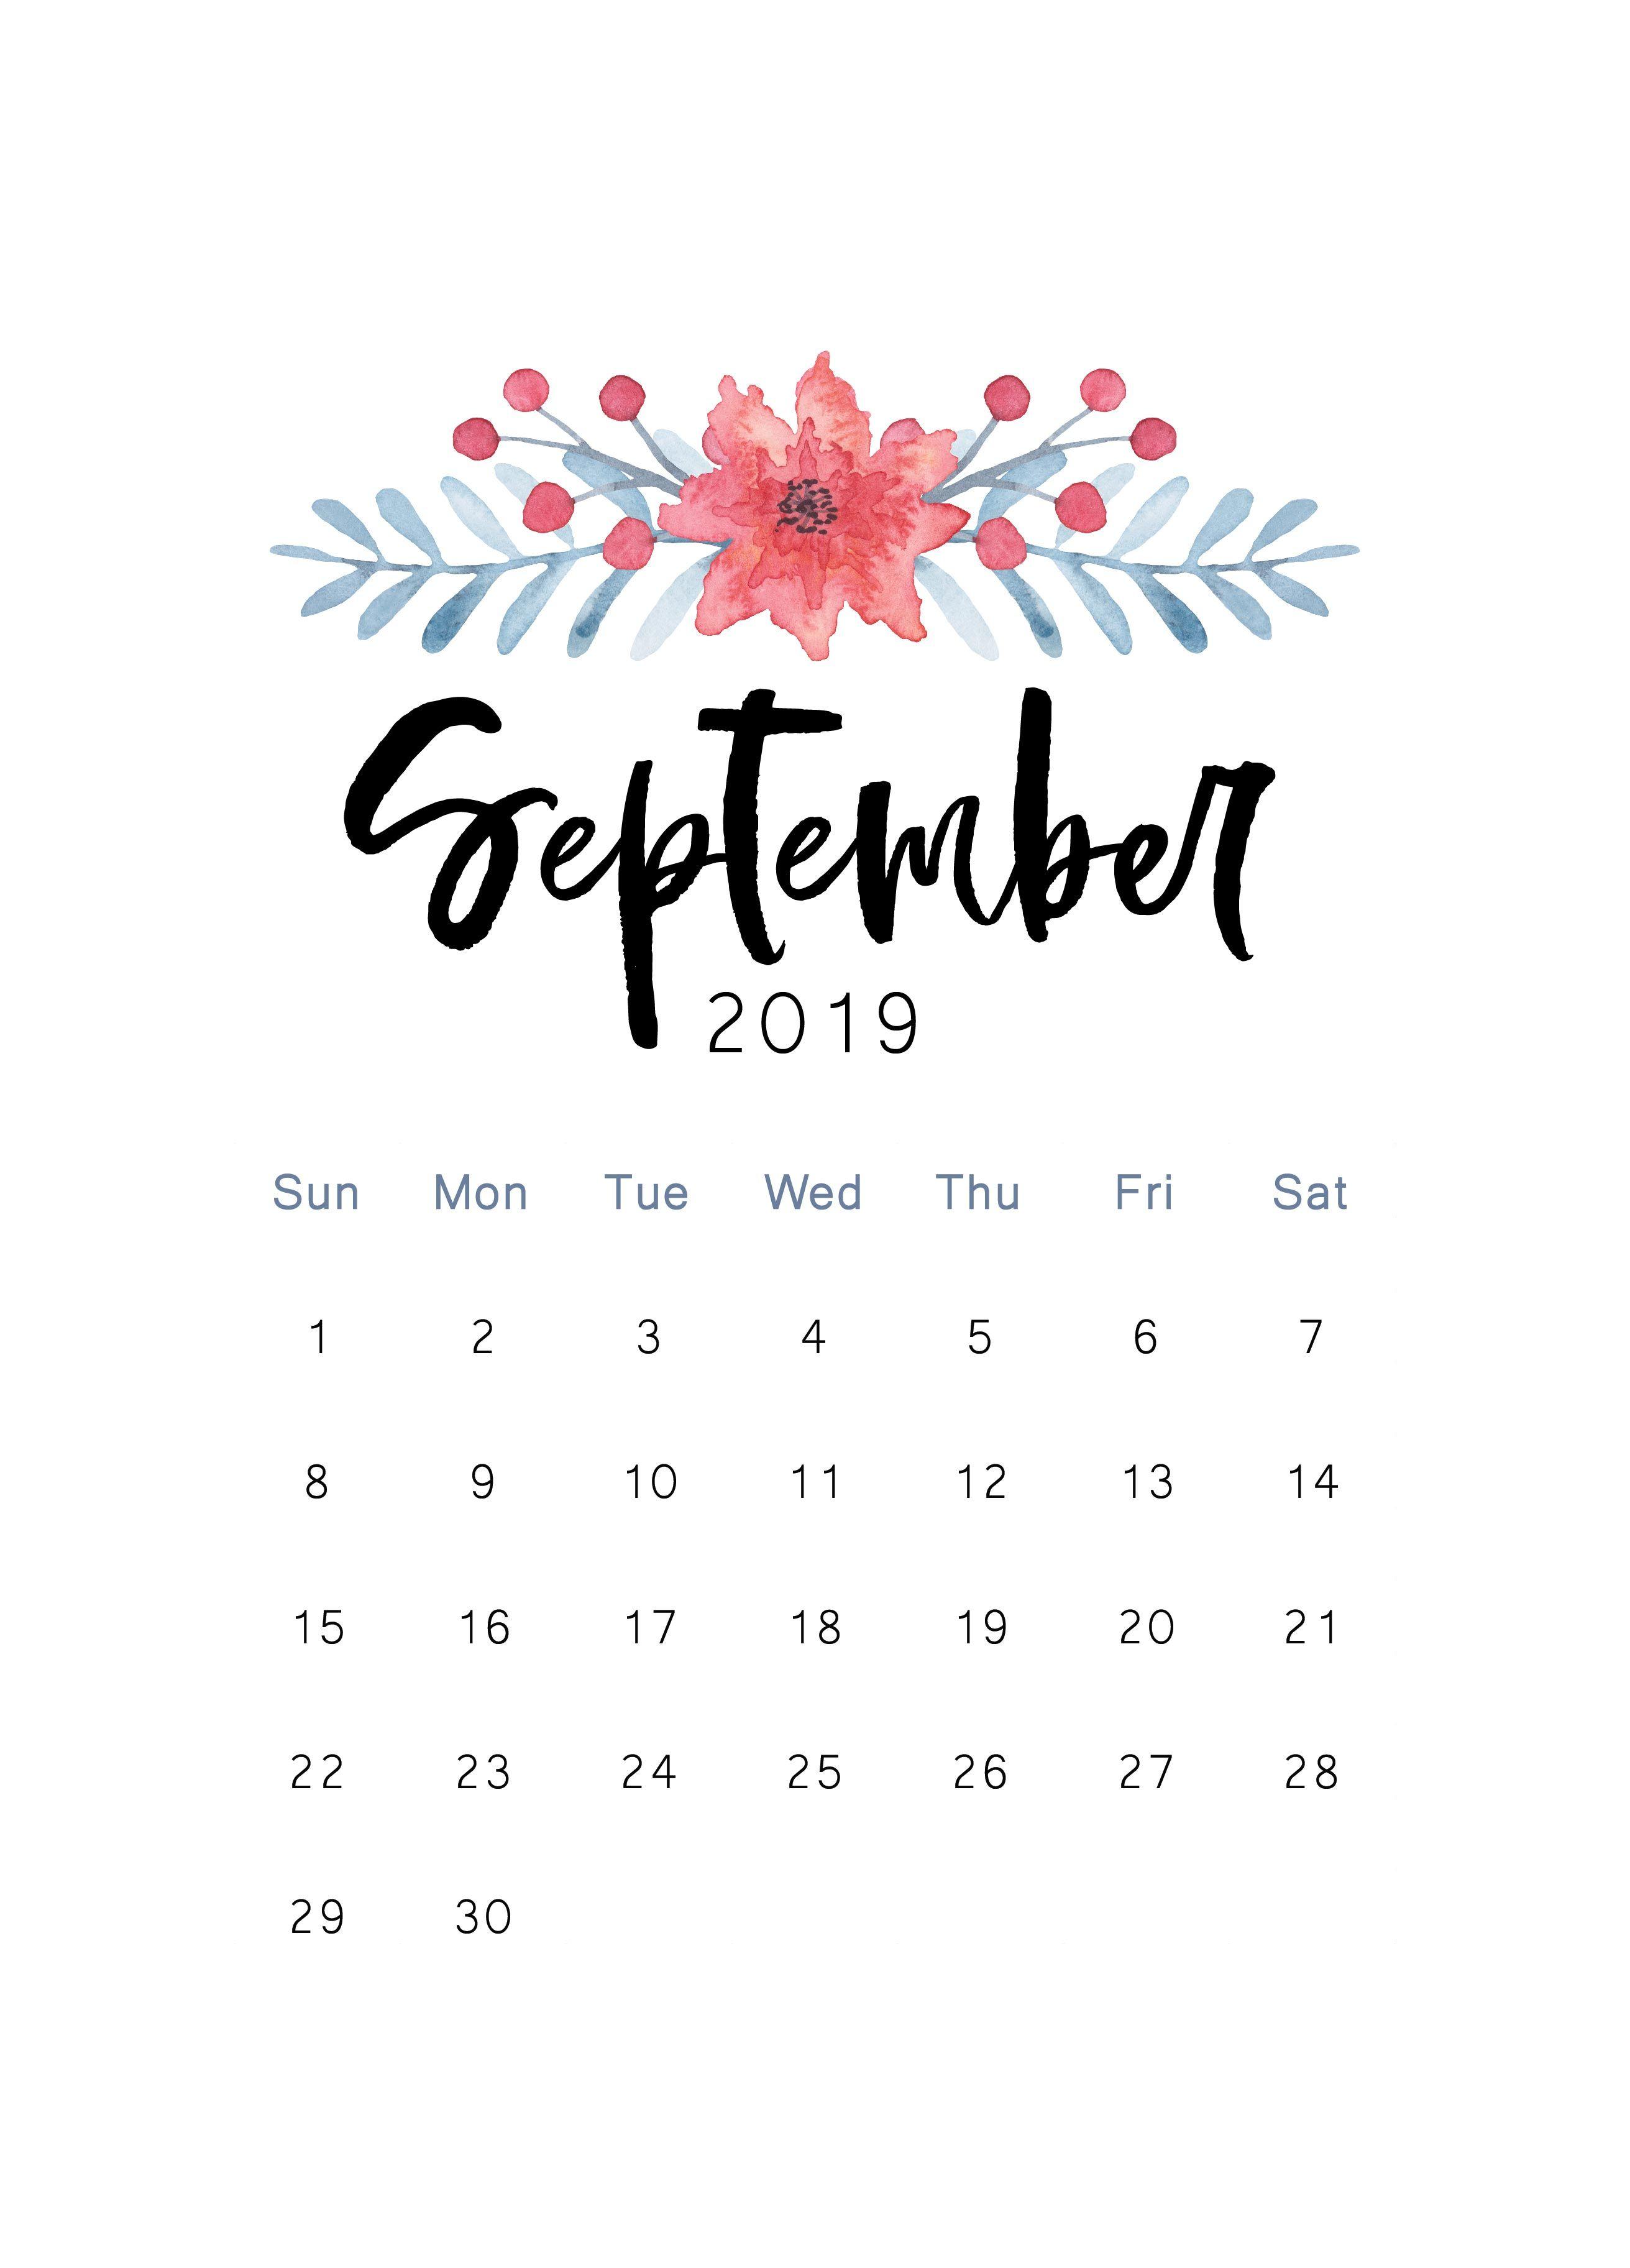 September 2019 Printable Calendar The Cactus Creative Calendar